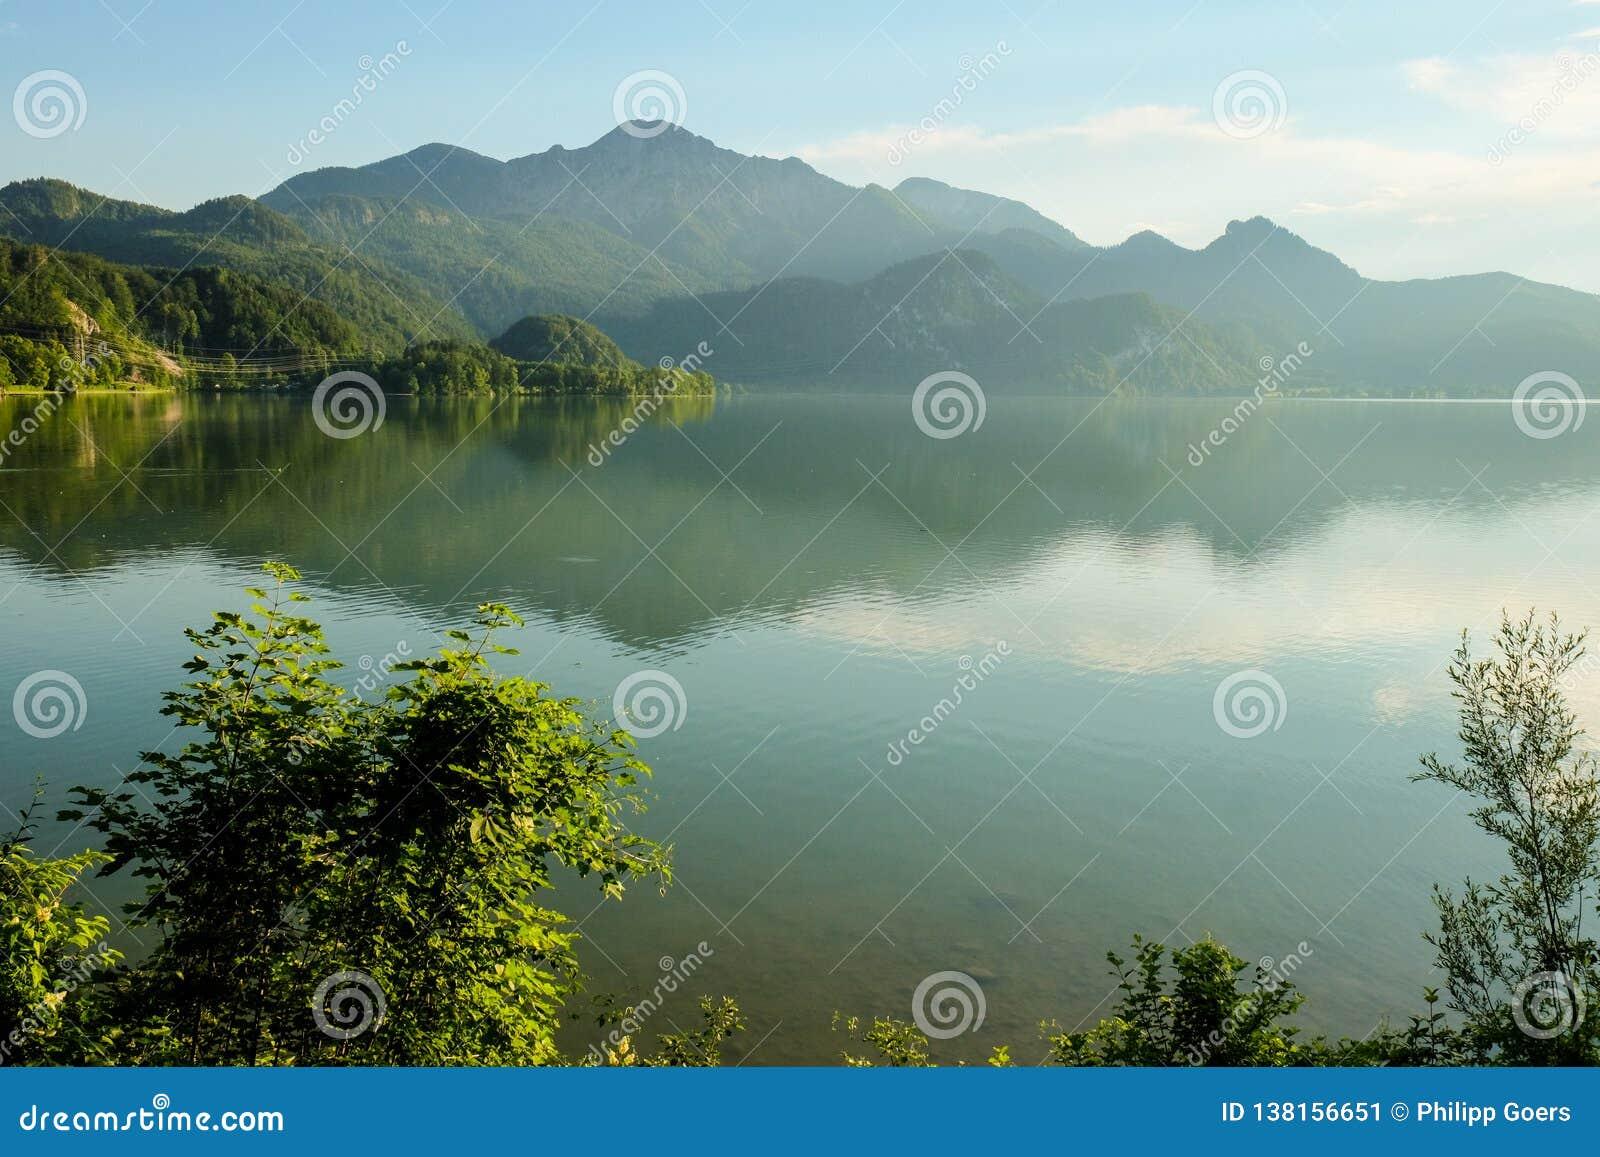 Идилличный туманный ландшафт горы с озером и горами на заднем плане